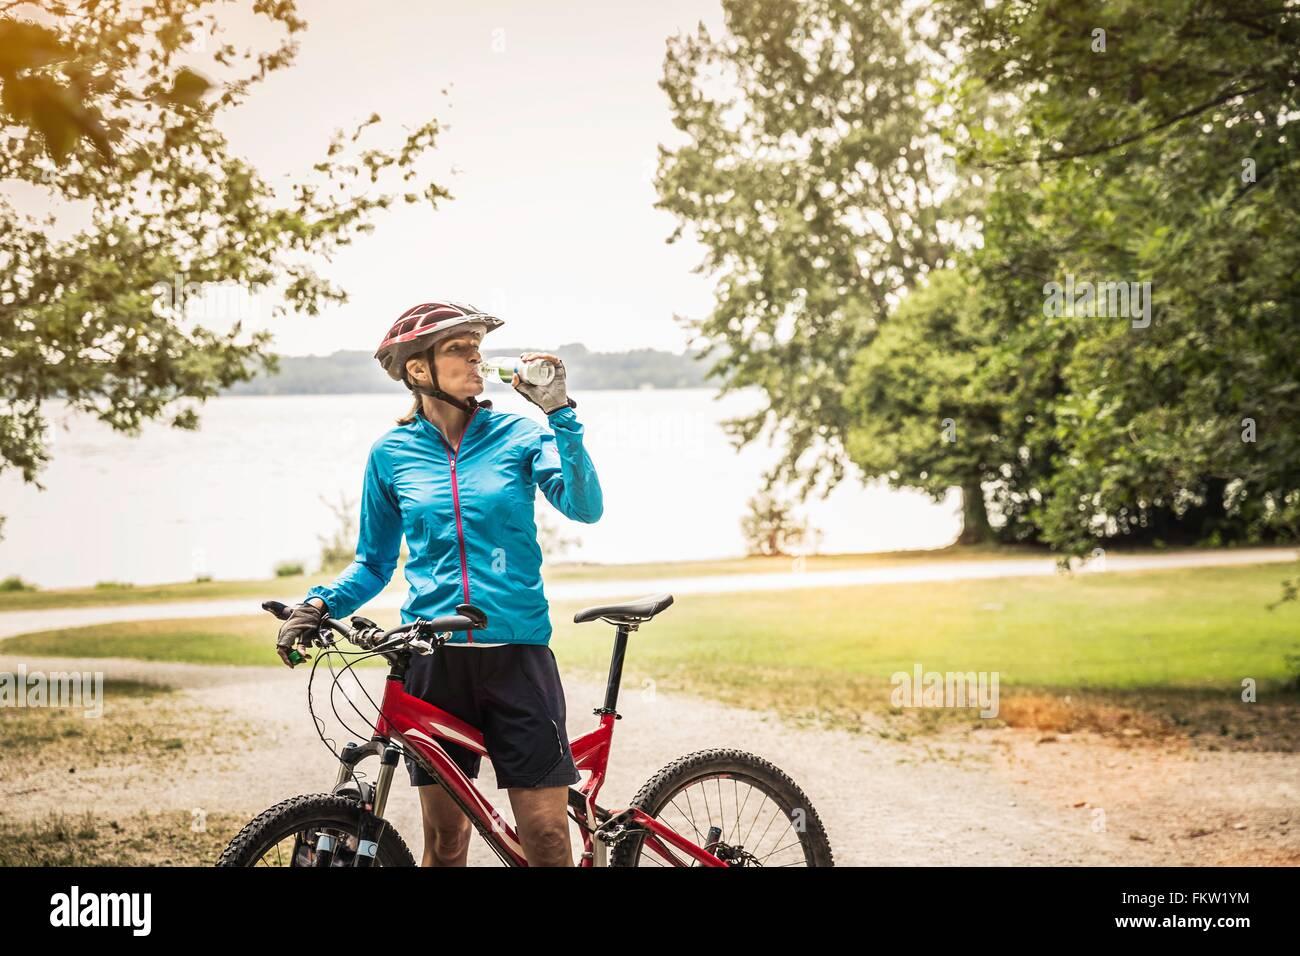 Mature mountain biking woman drinking water at lakeside - Stock Image